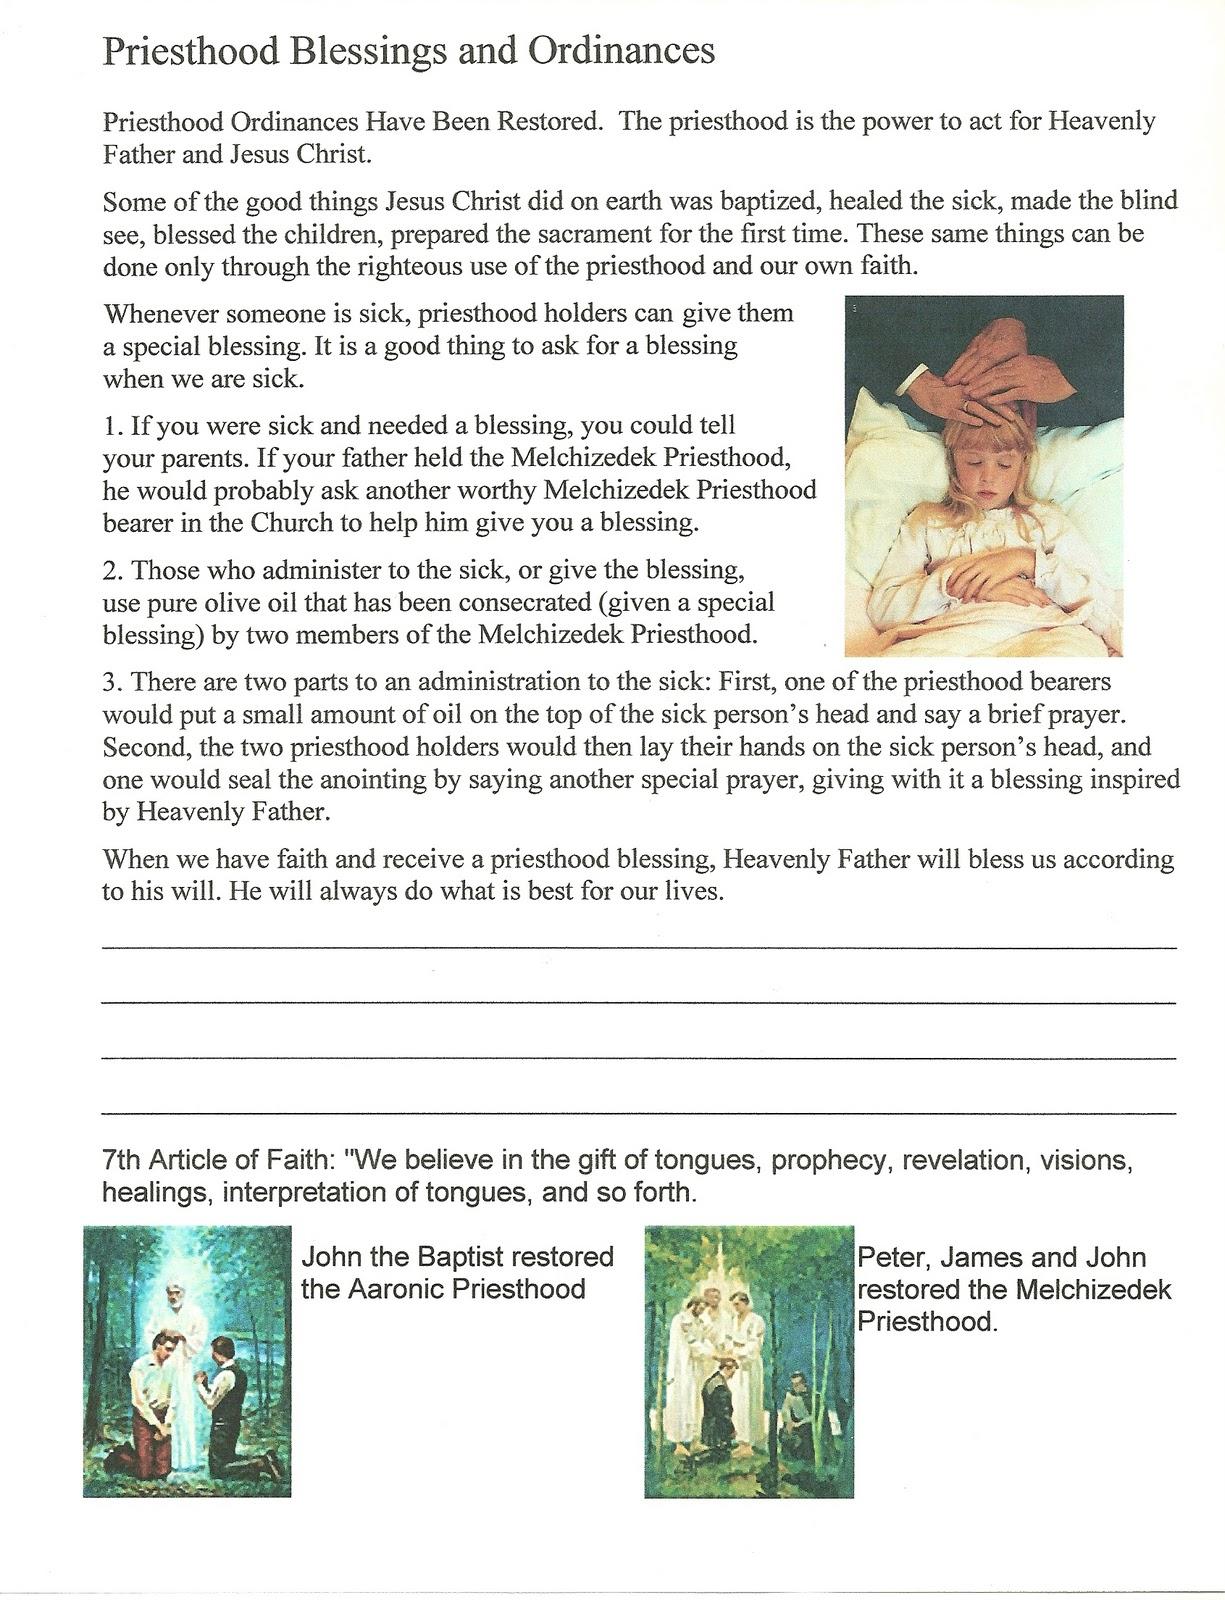 Primary 3 Lesson 9